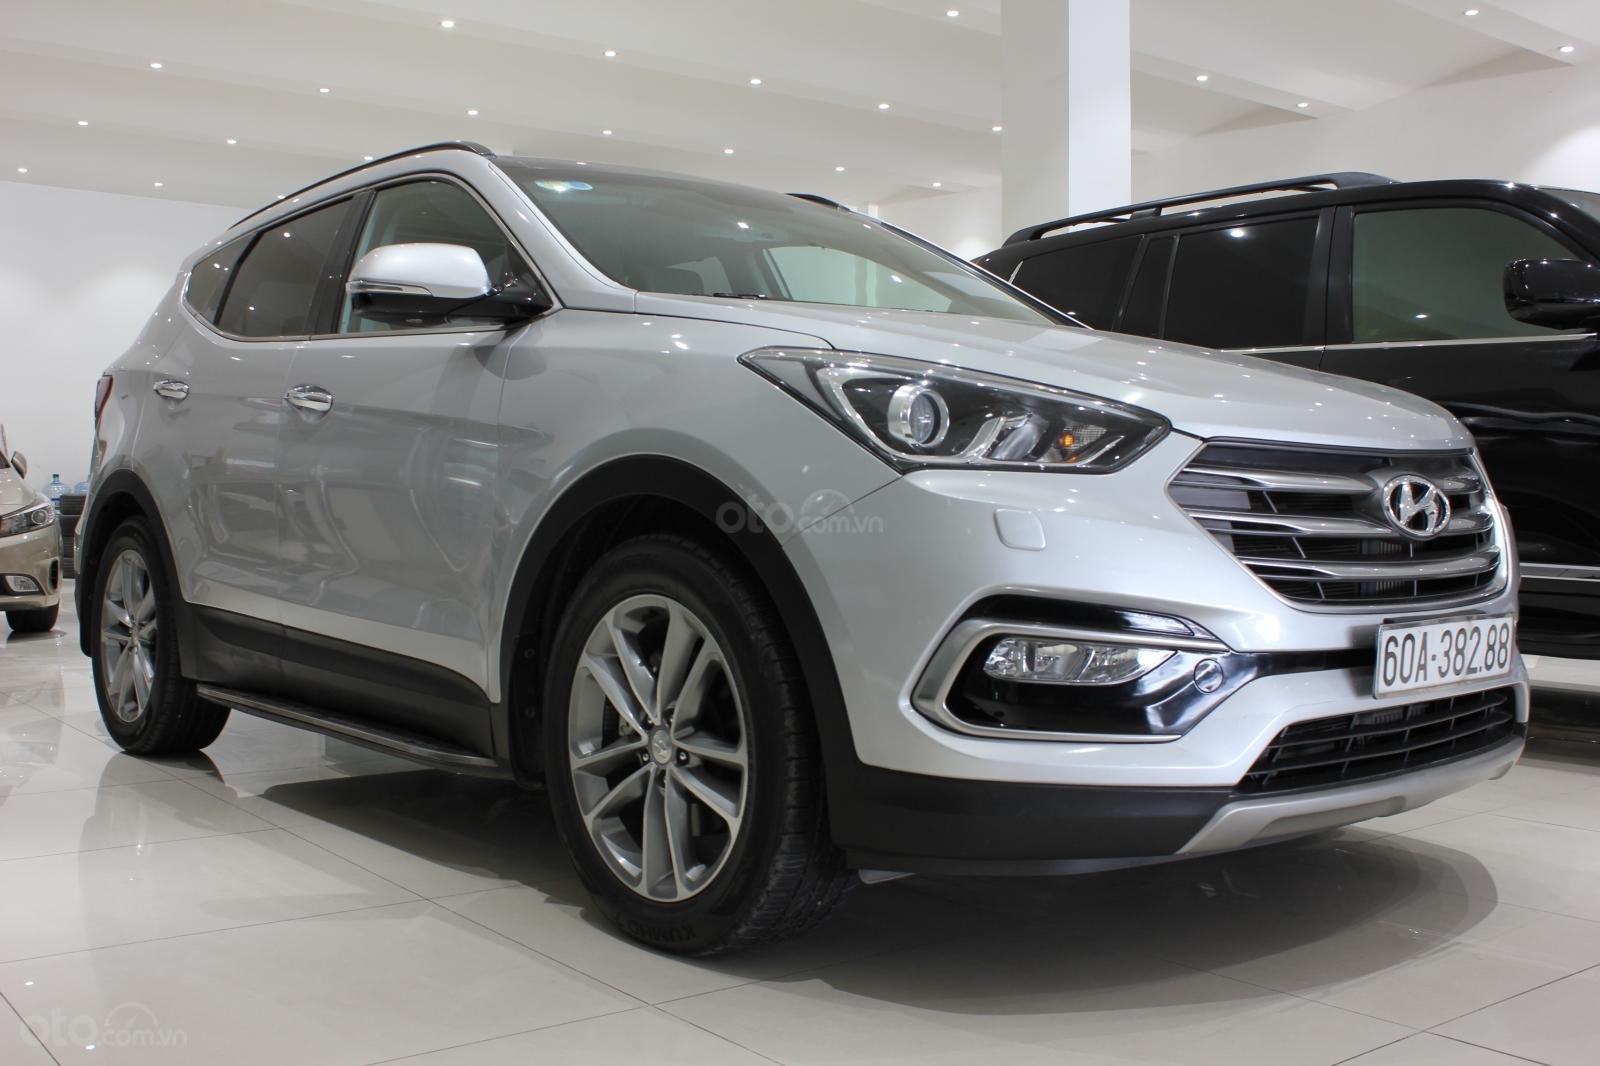 Bán xe Hyundai Santa Fe 2.2 4WD năm sản xuất 2017, màu bạc (3)